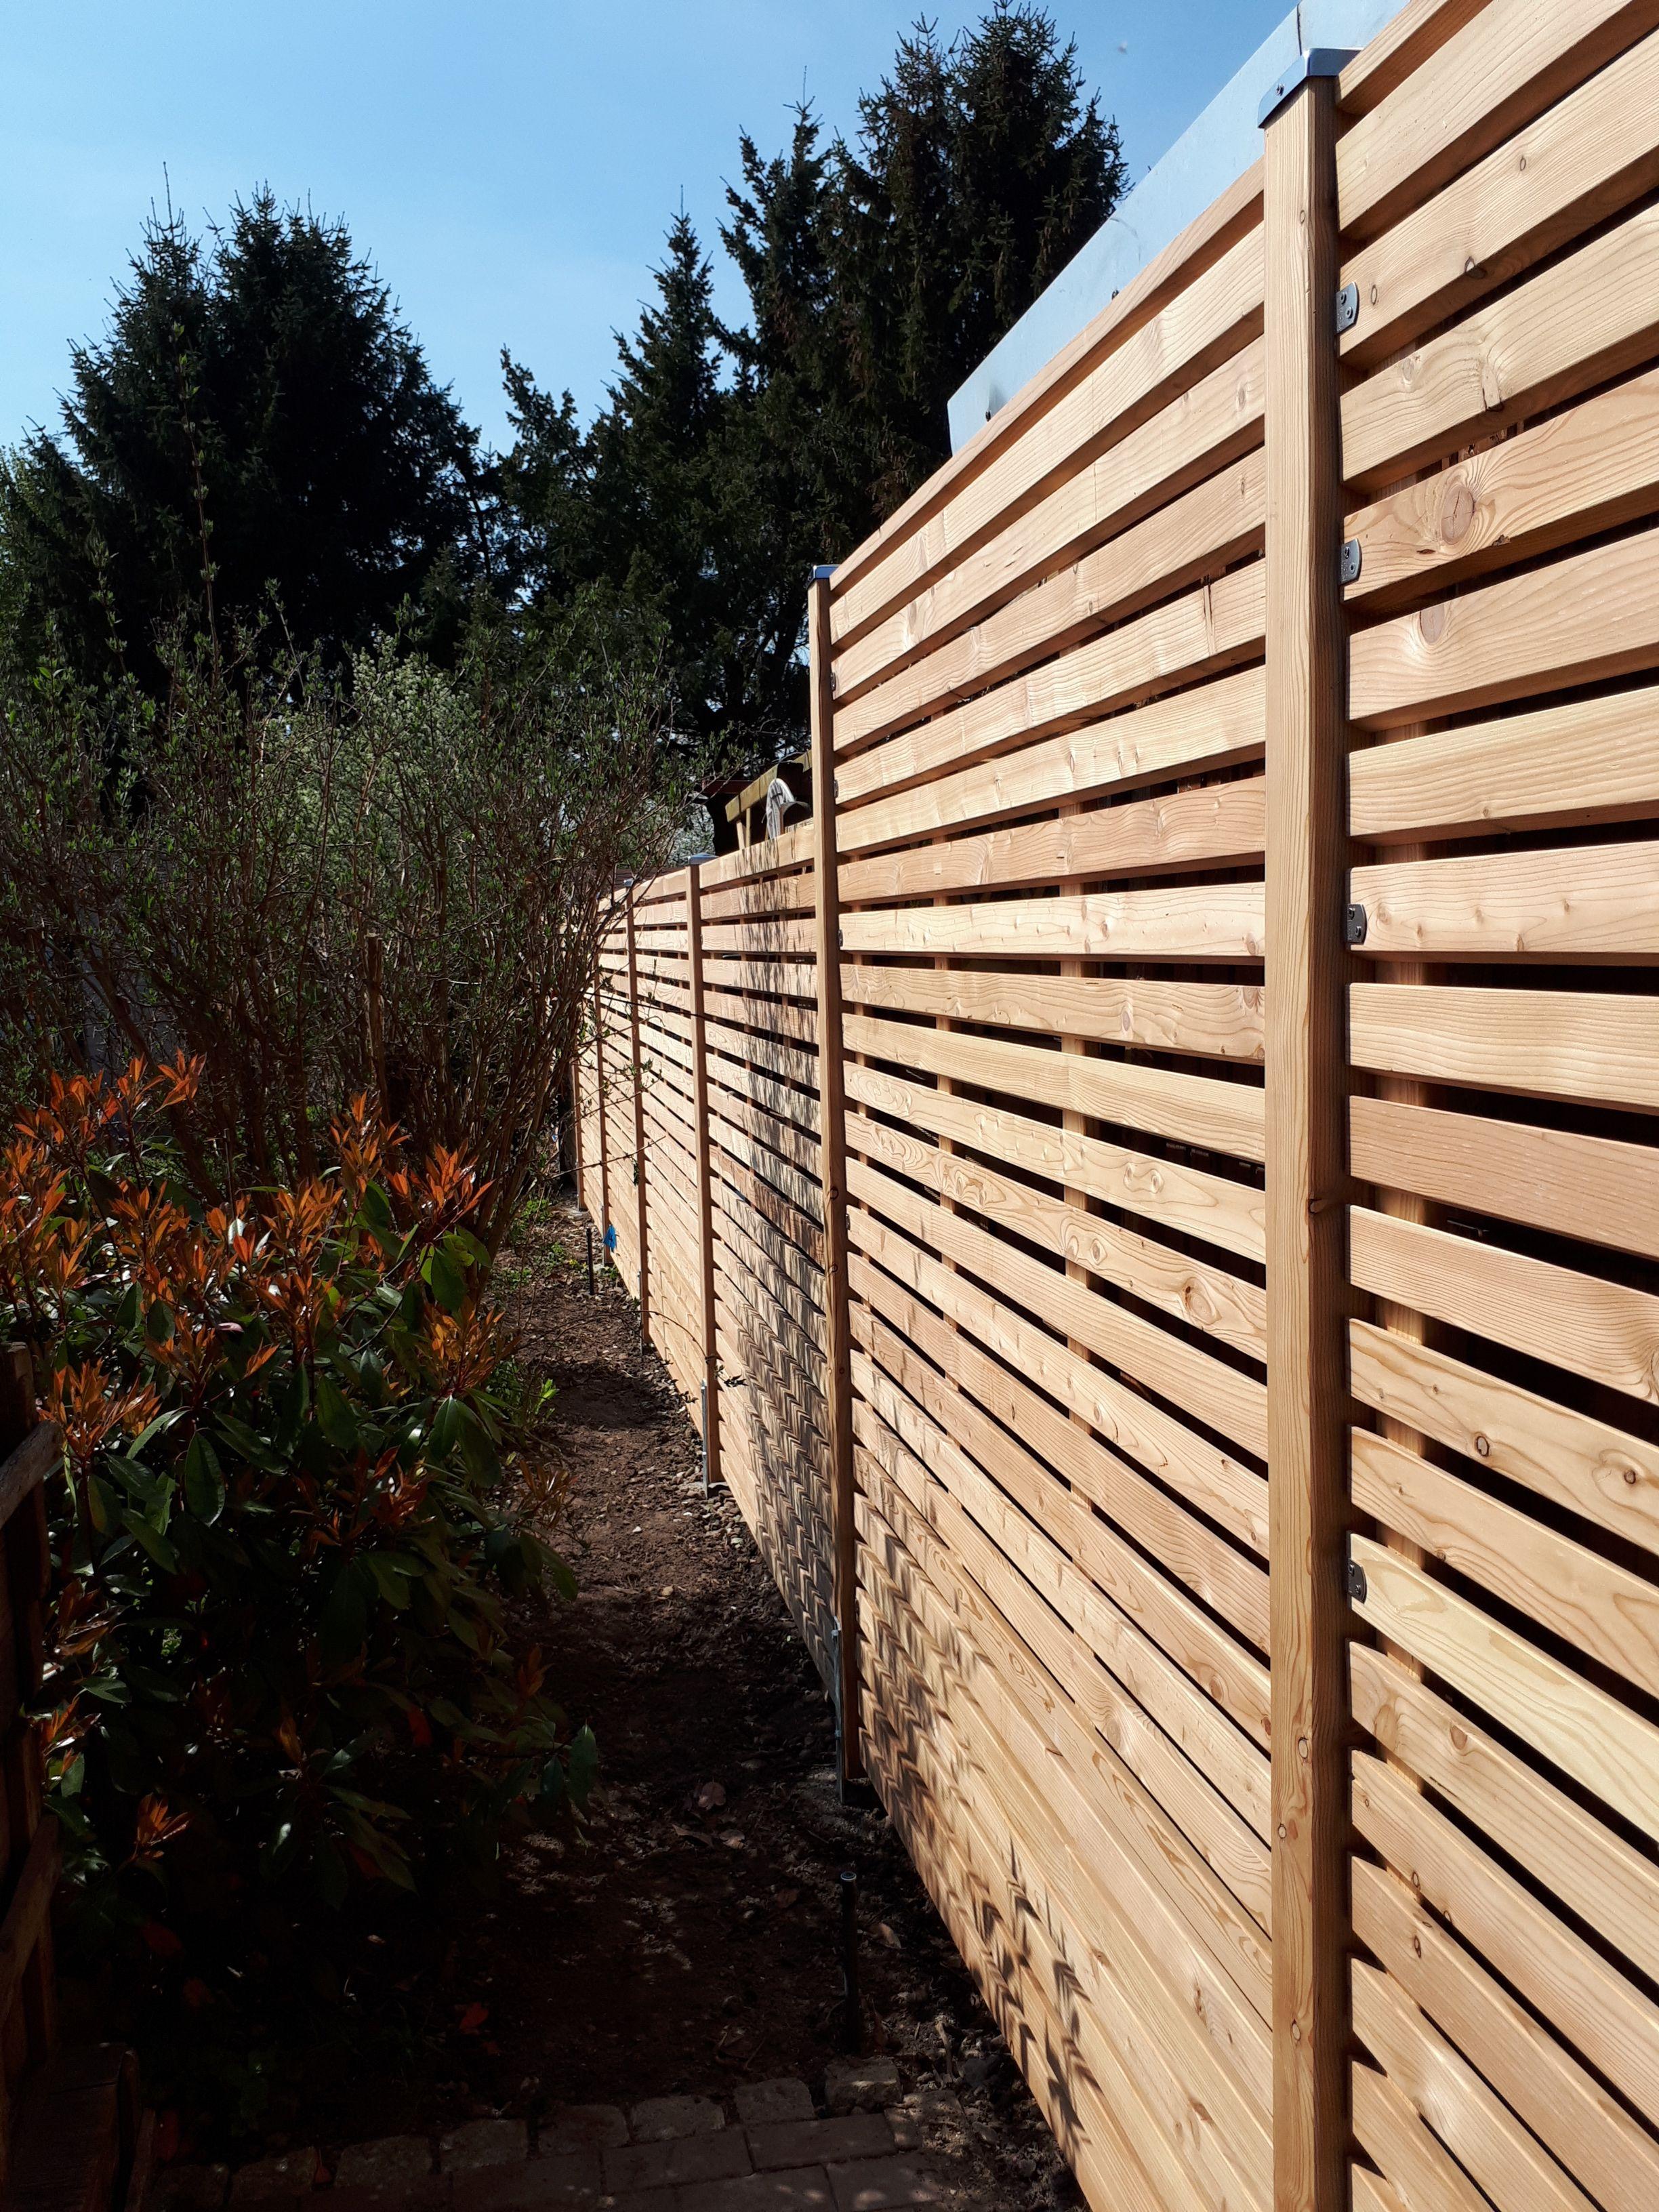 Rhombus Zaun Von Greenfairway E K Gebaut Sichtschutz Aus Holz